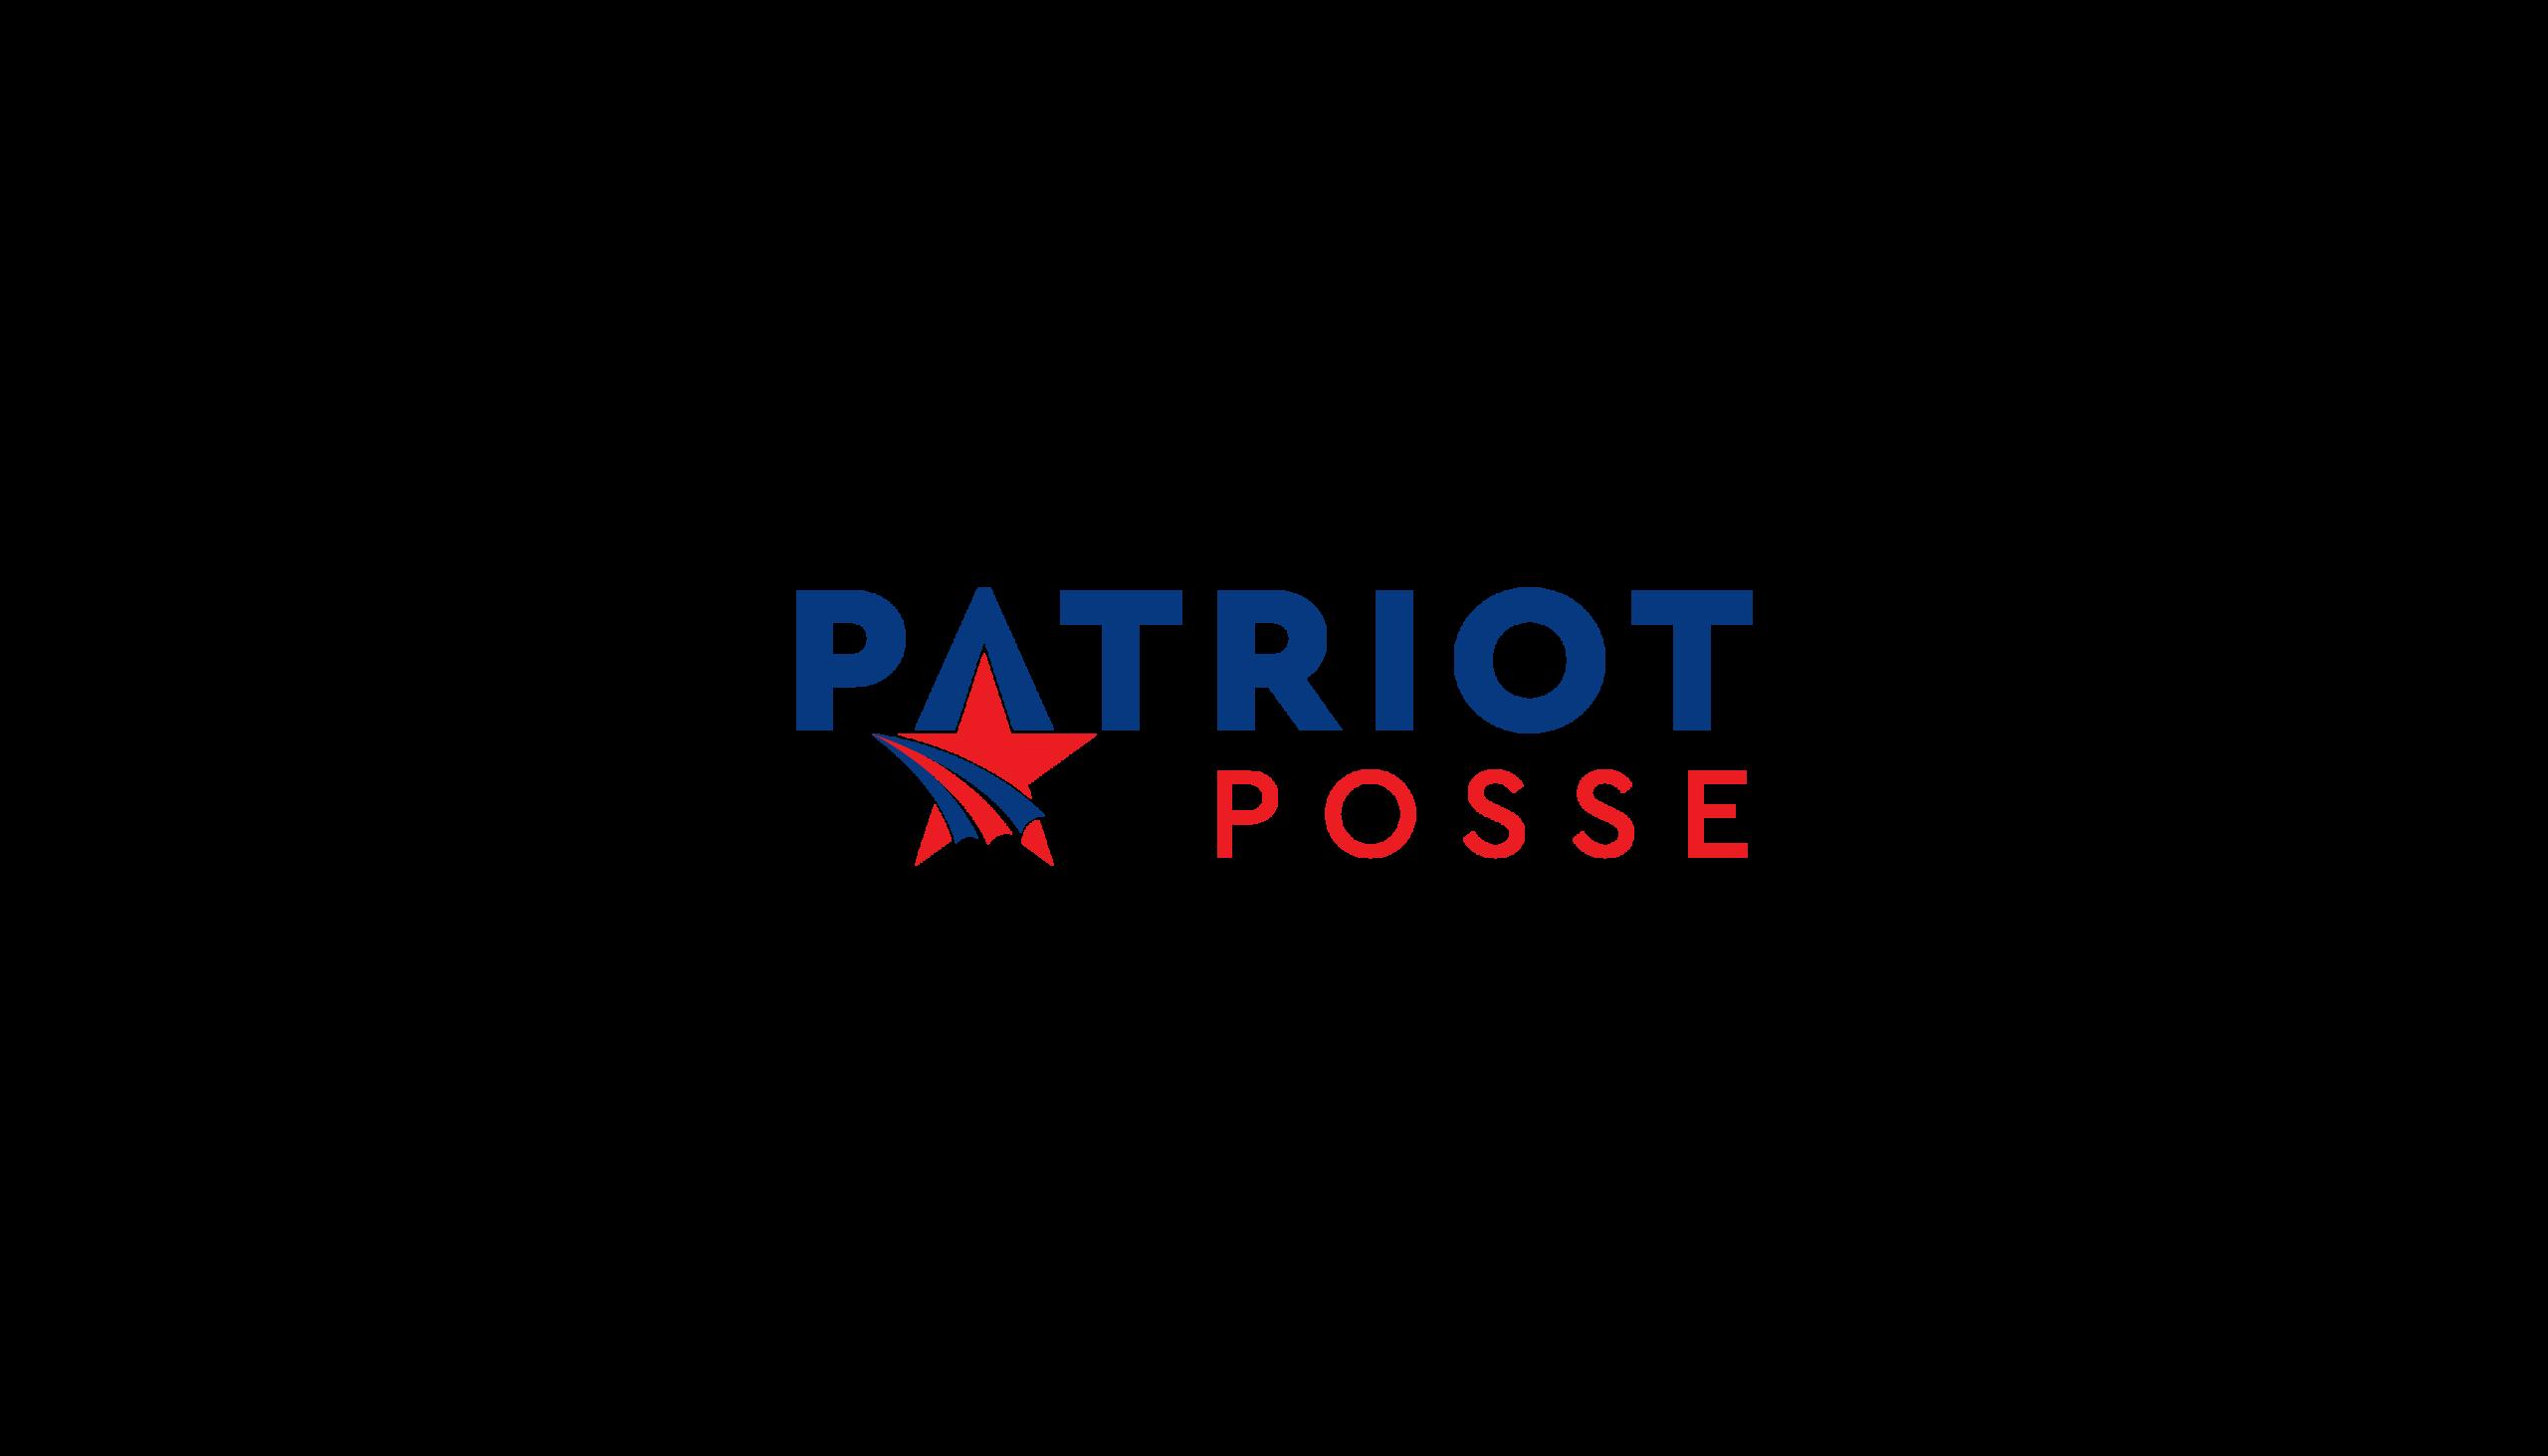 Patriot Posse